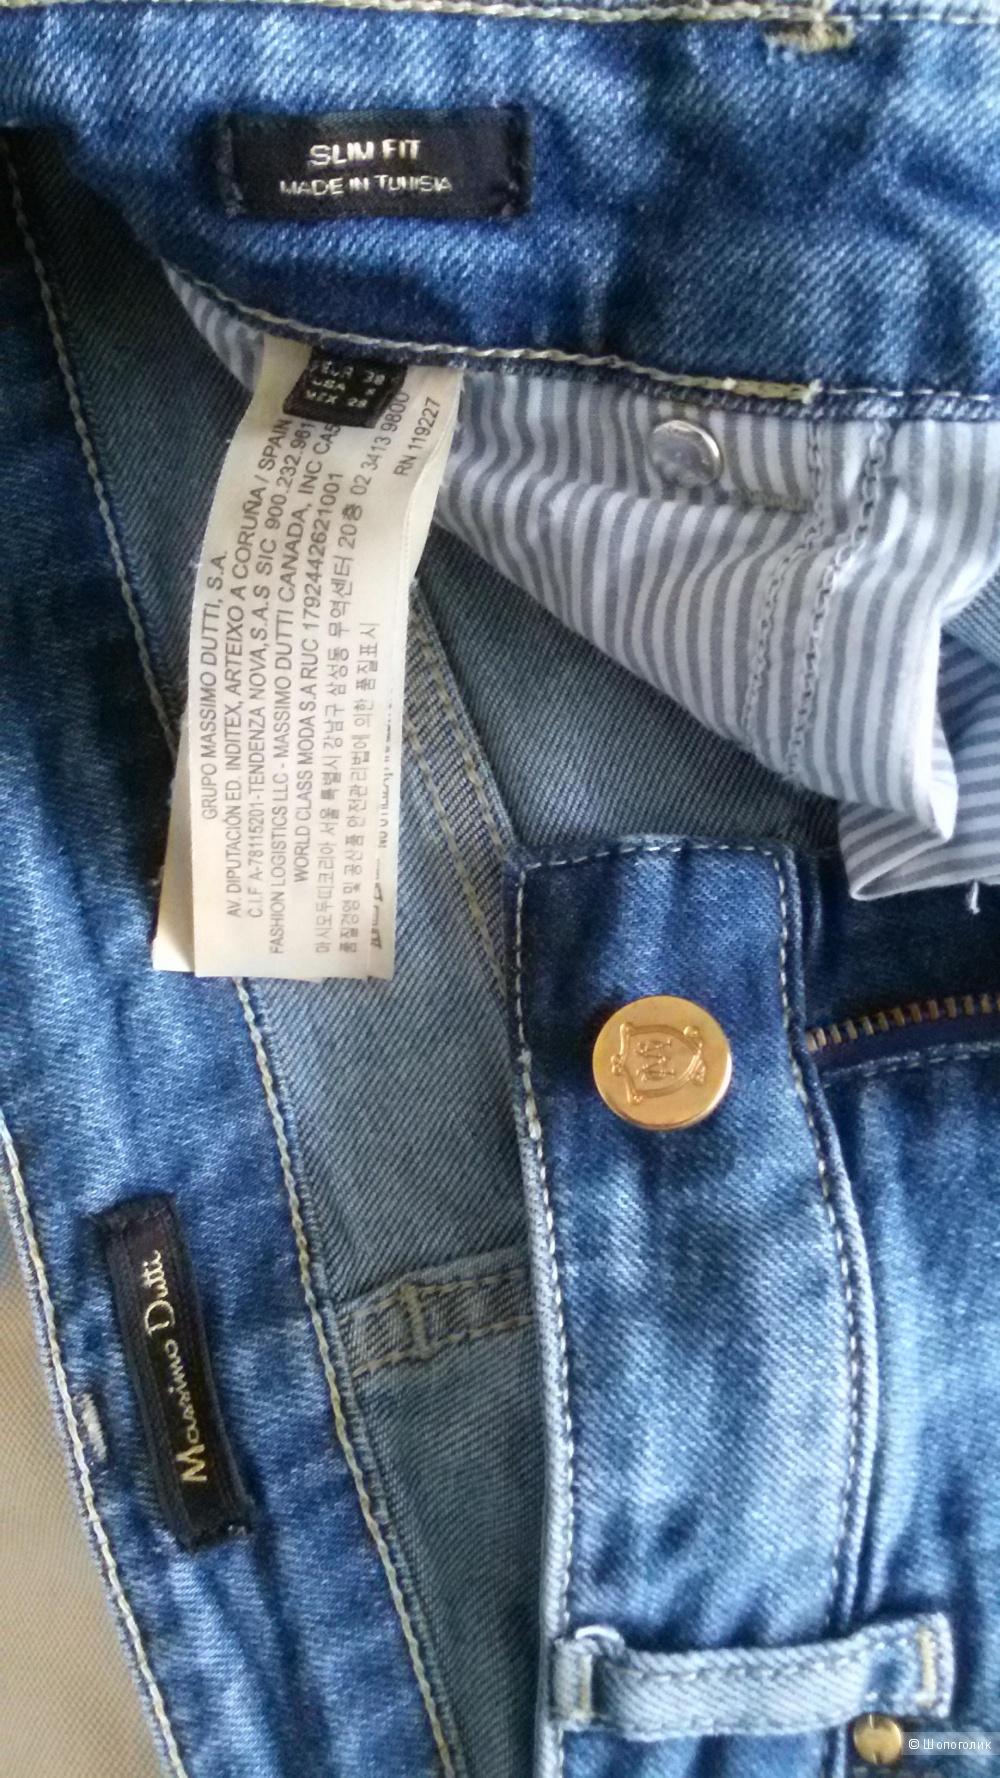 Джинсы Massimo Dutti slim fit маркировка 38, подойдет на размер 44-46.